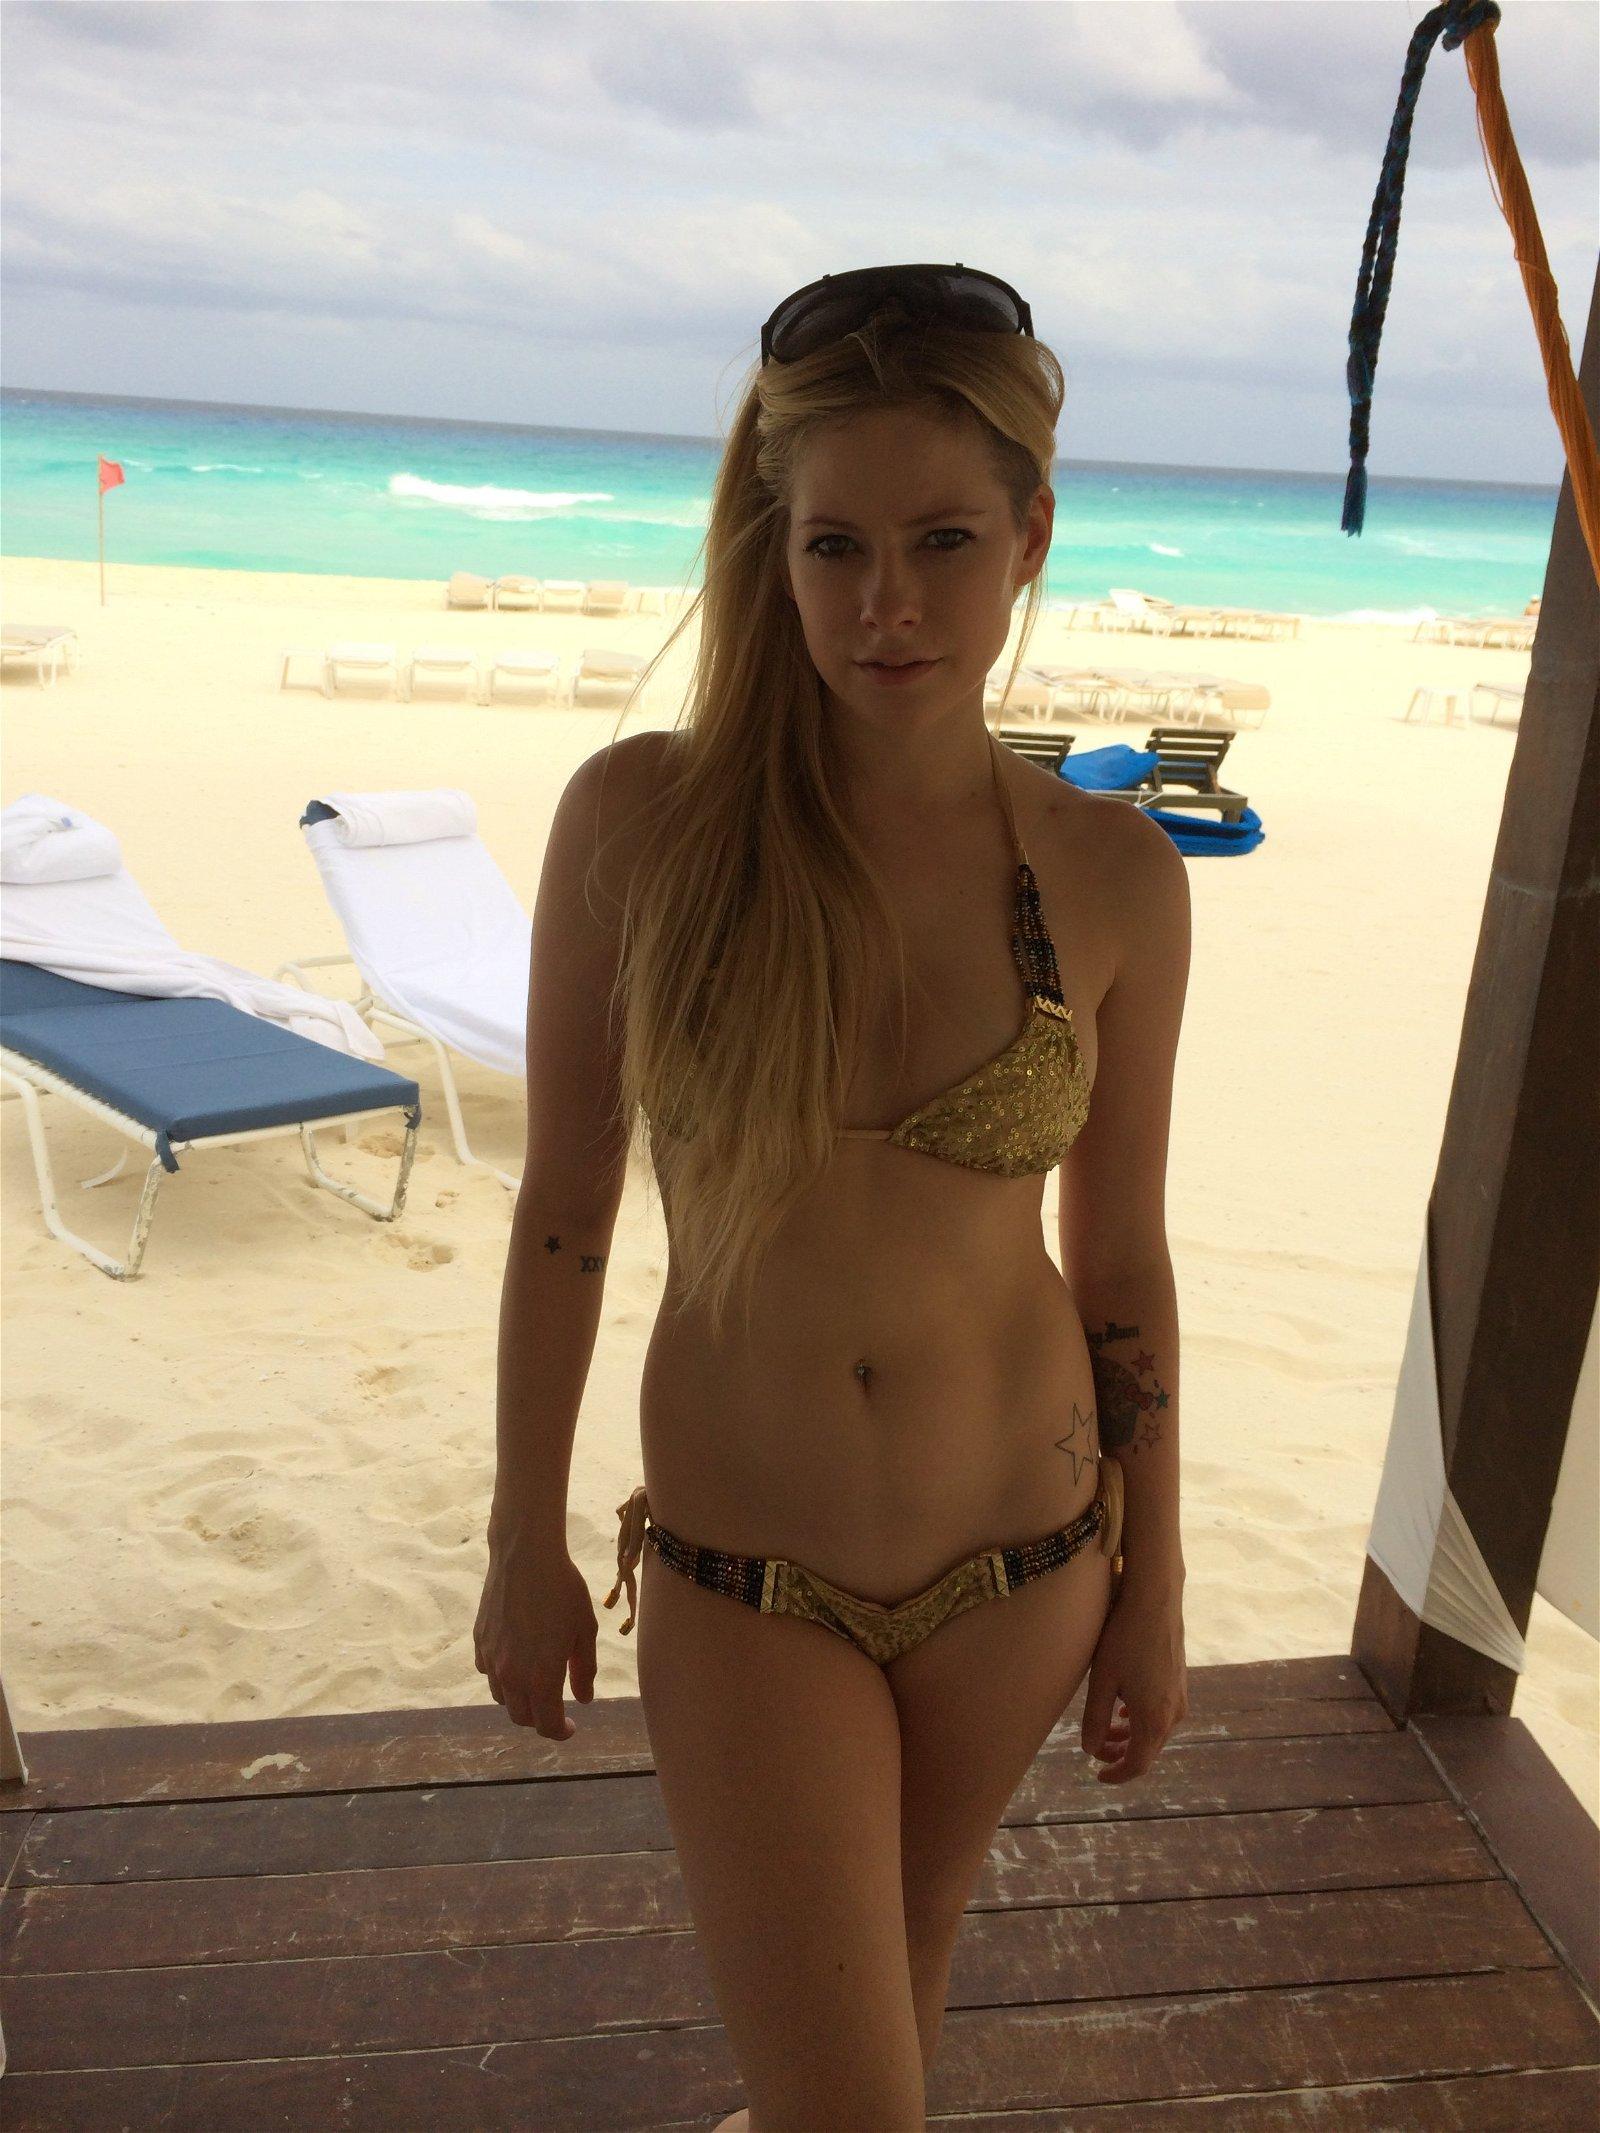 Avril Lavigne boobs show